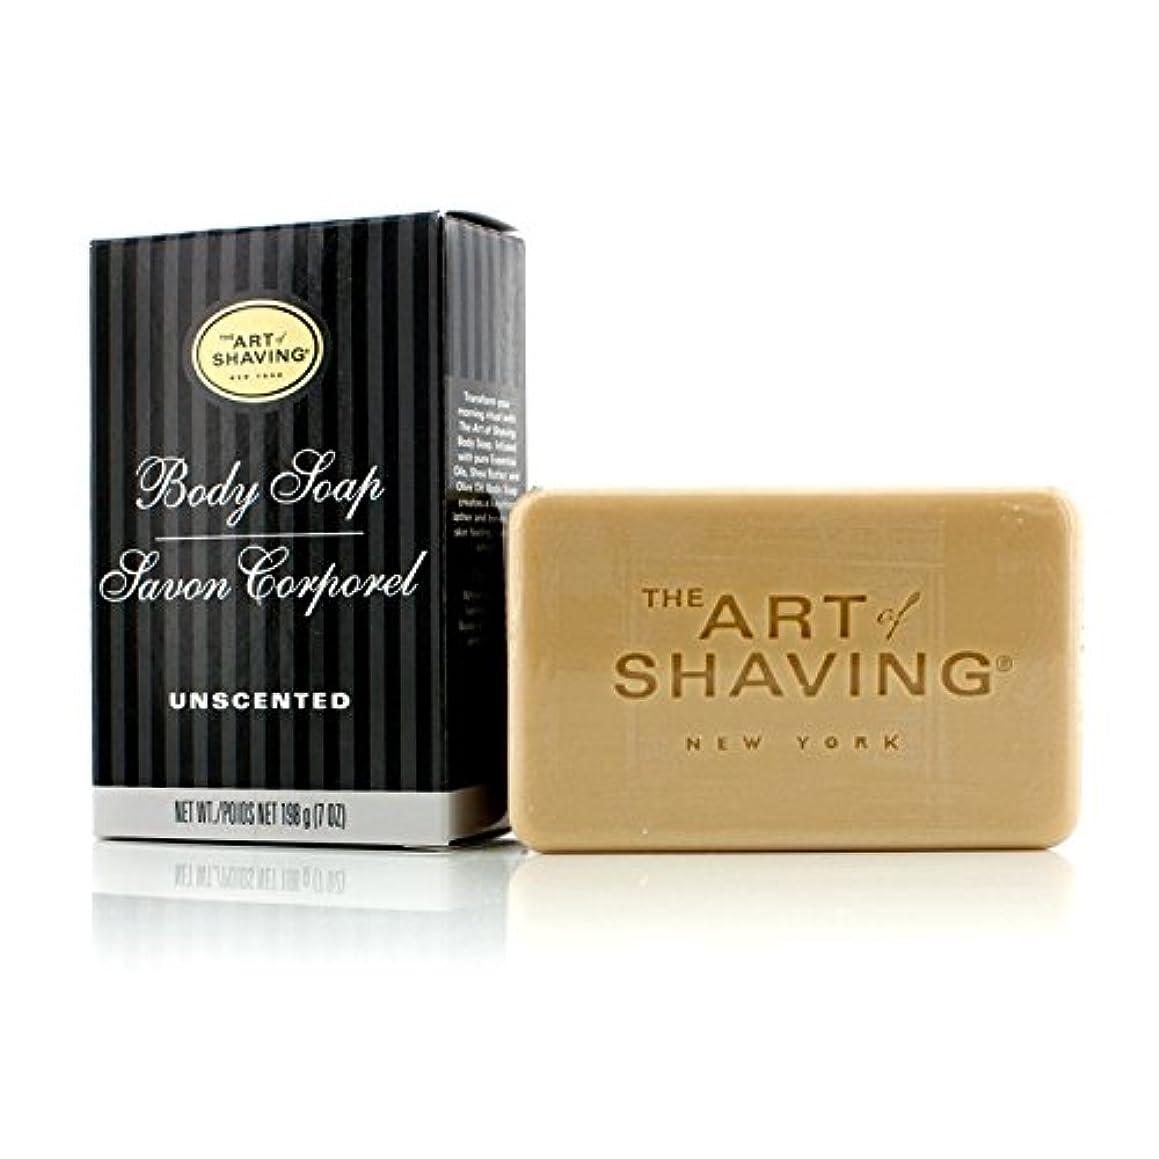 責めかけがえのないハングアートオブシェービング Body Soap - Unscented 198g/7oz並行輸入品